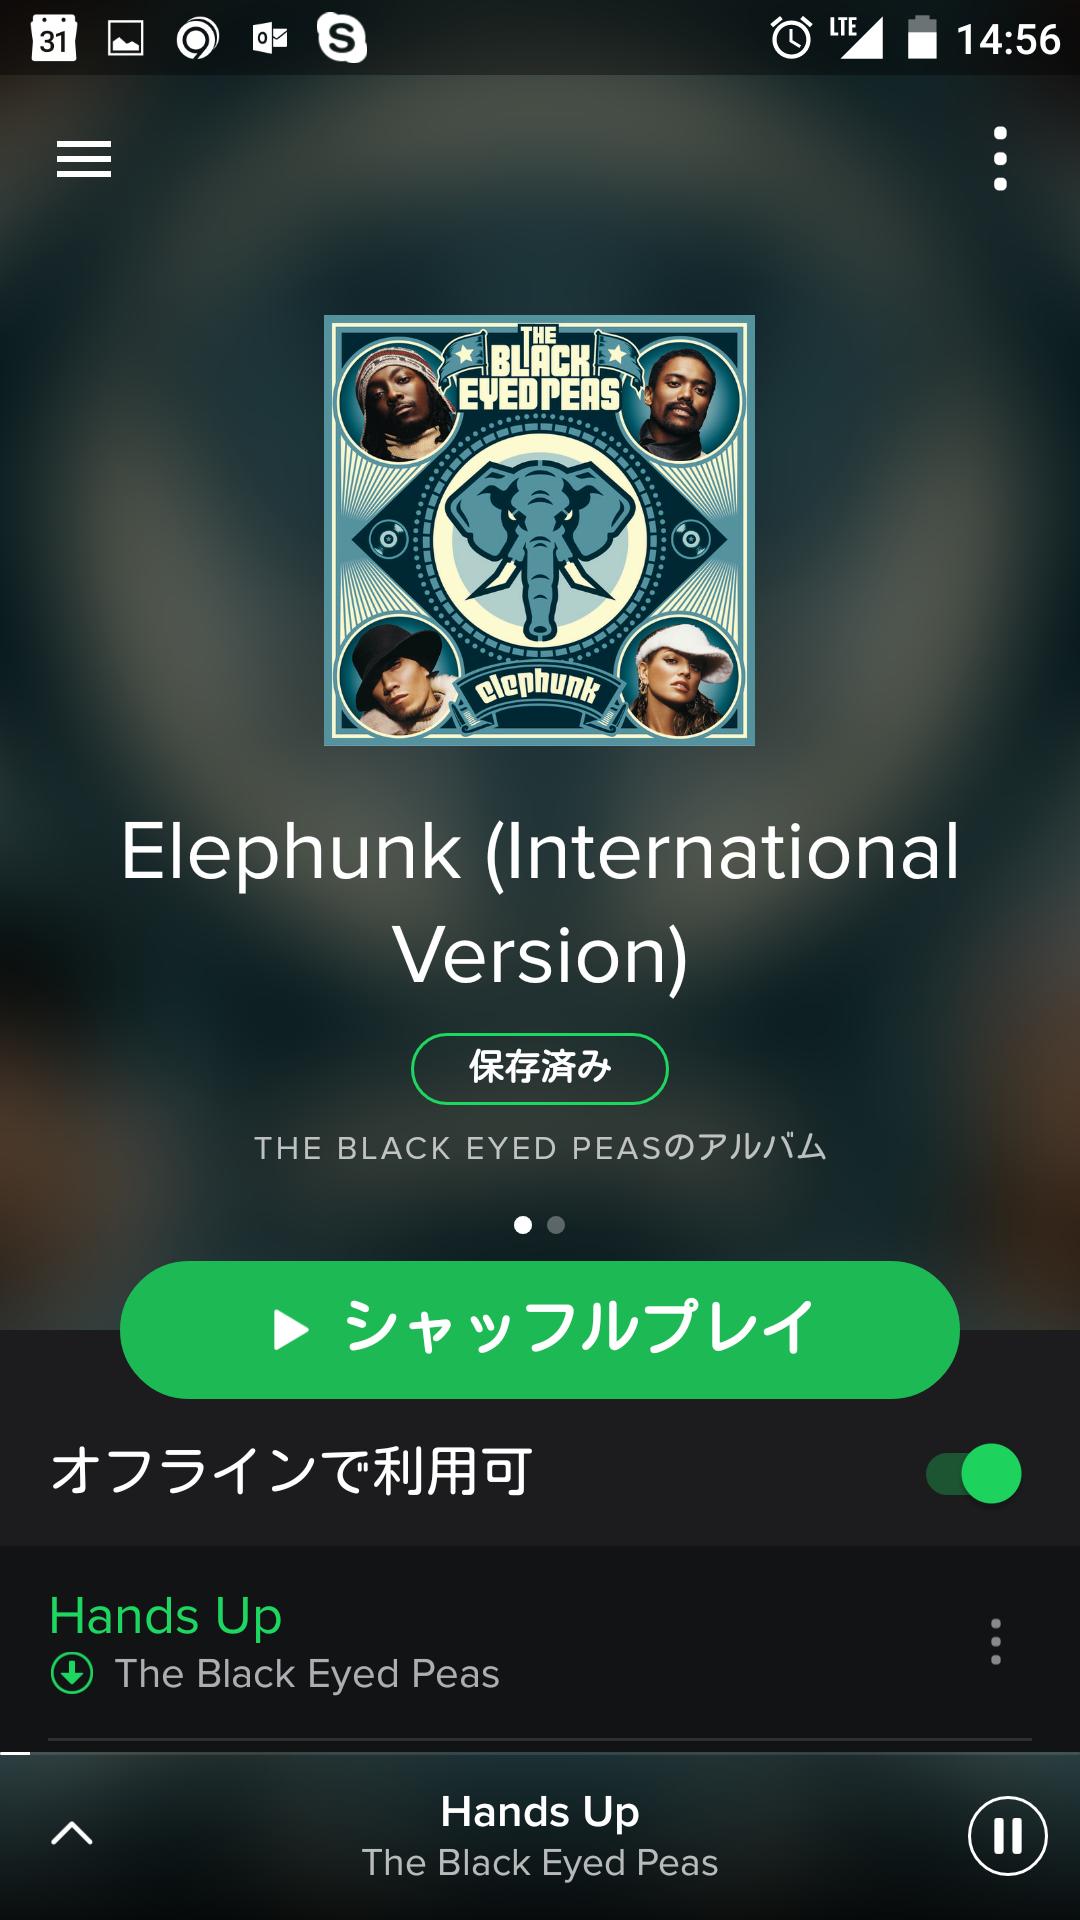 Androidアプリも日本語対応しているのね。楽曲のDownloadにも対応しているので、オフラインでも再生できるのはPreiumプランの魅力!